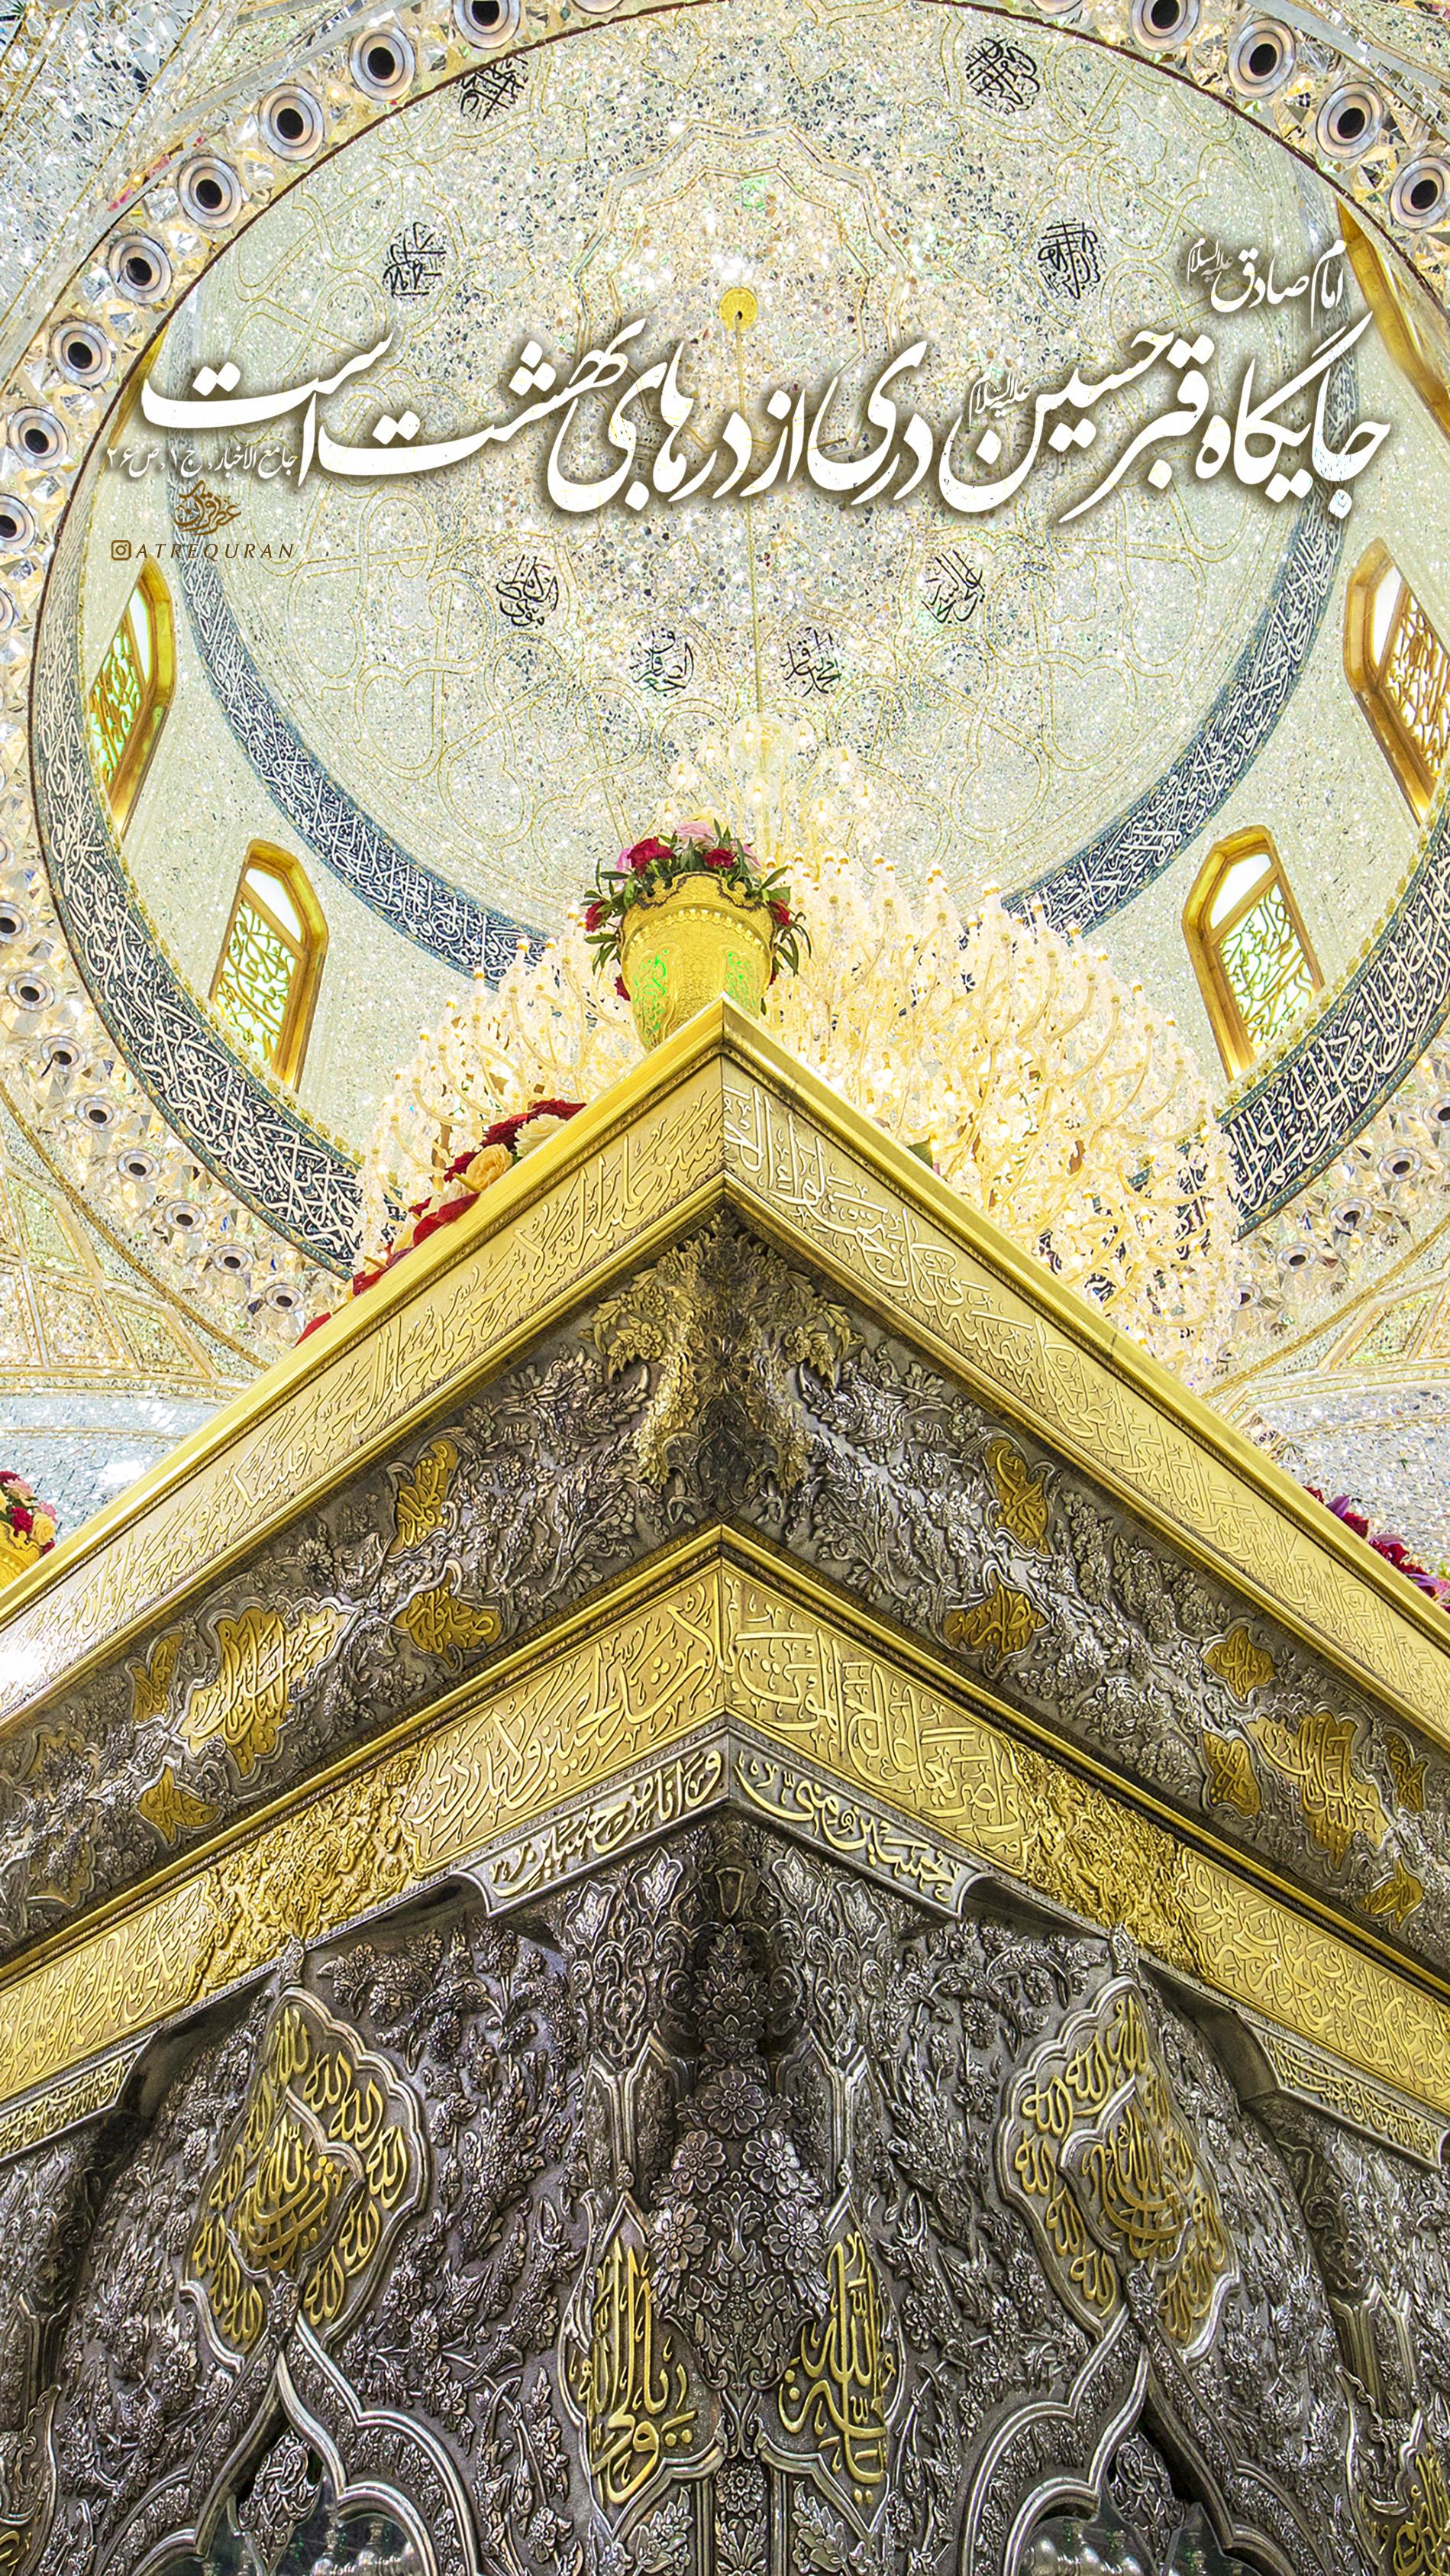 جایگاه قبر حسین علیه السلام